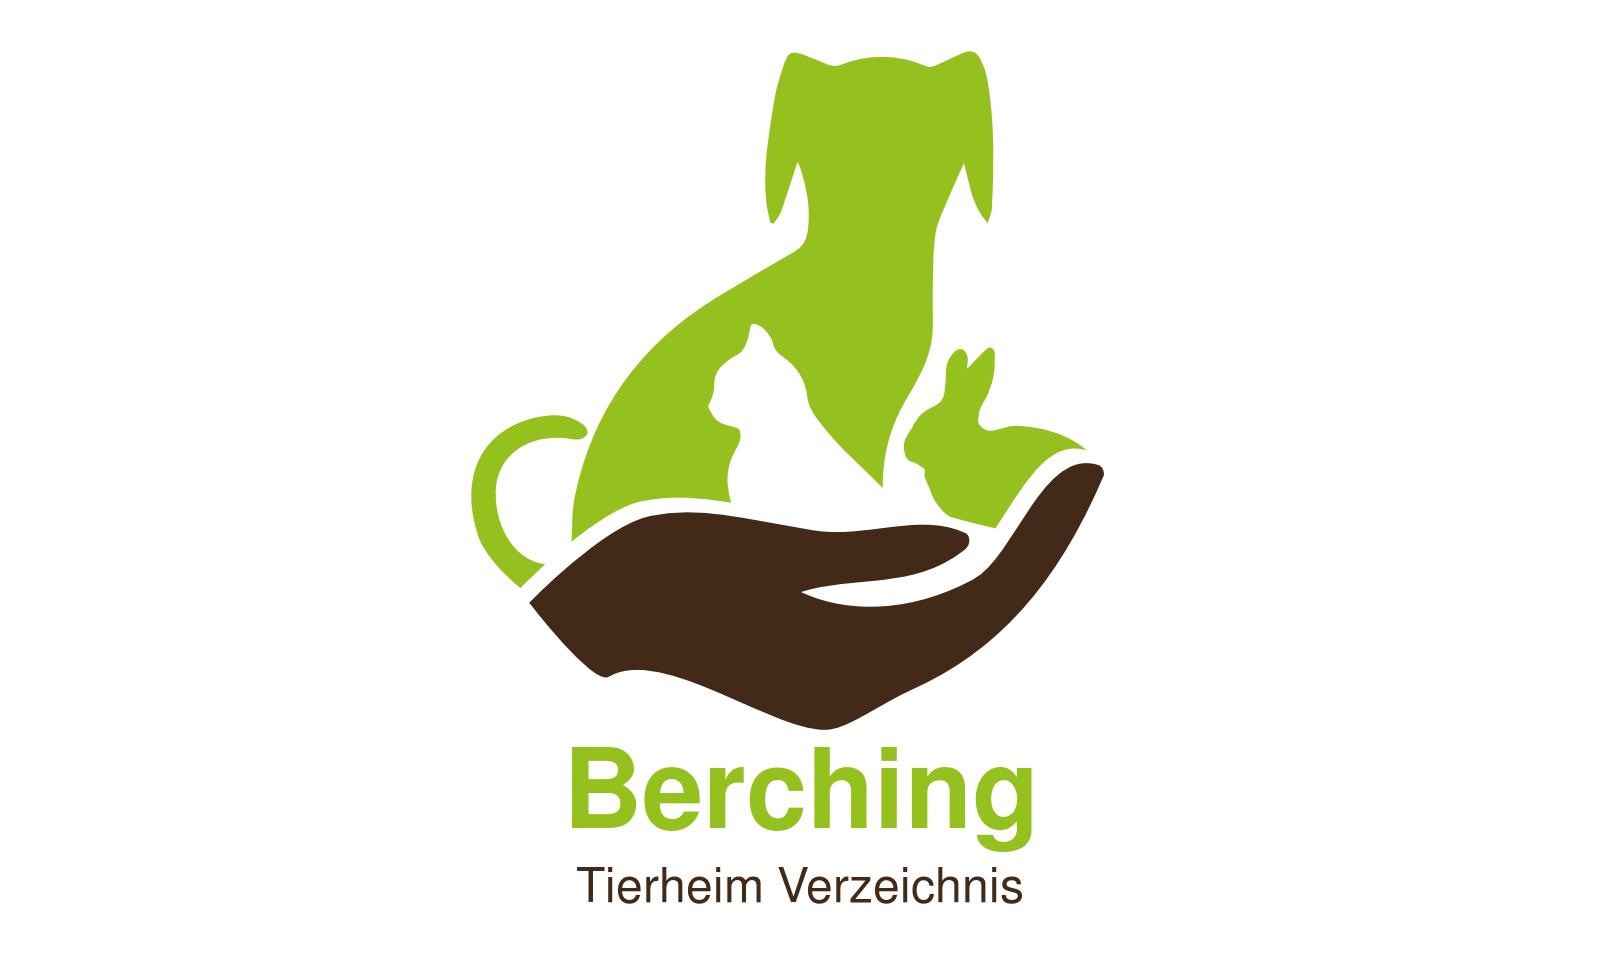 Tierheim Berching